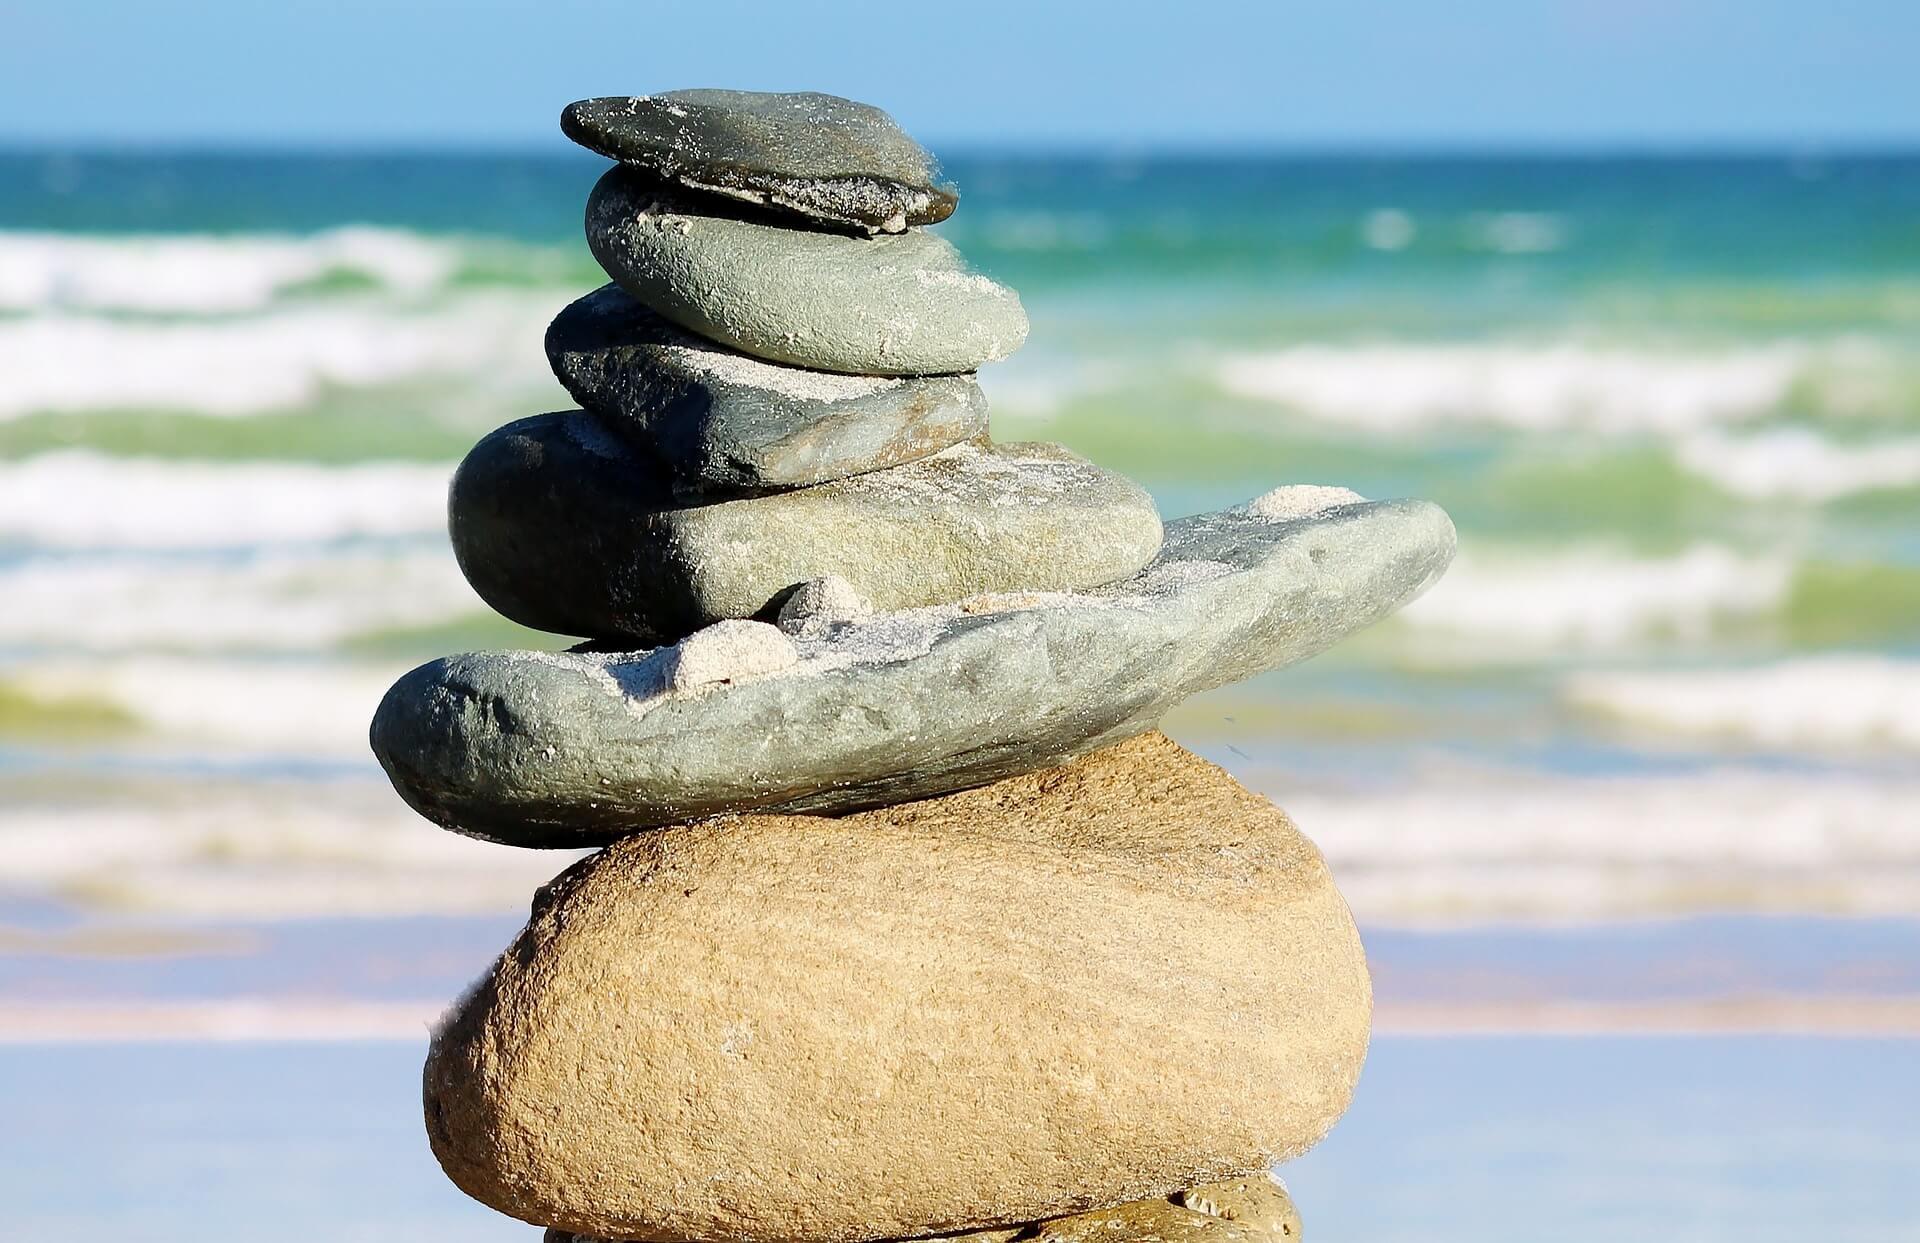 stones-969491_1920.jpg